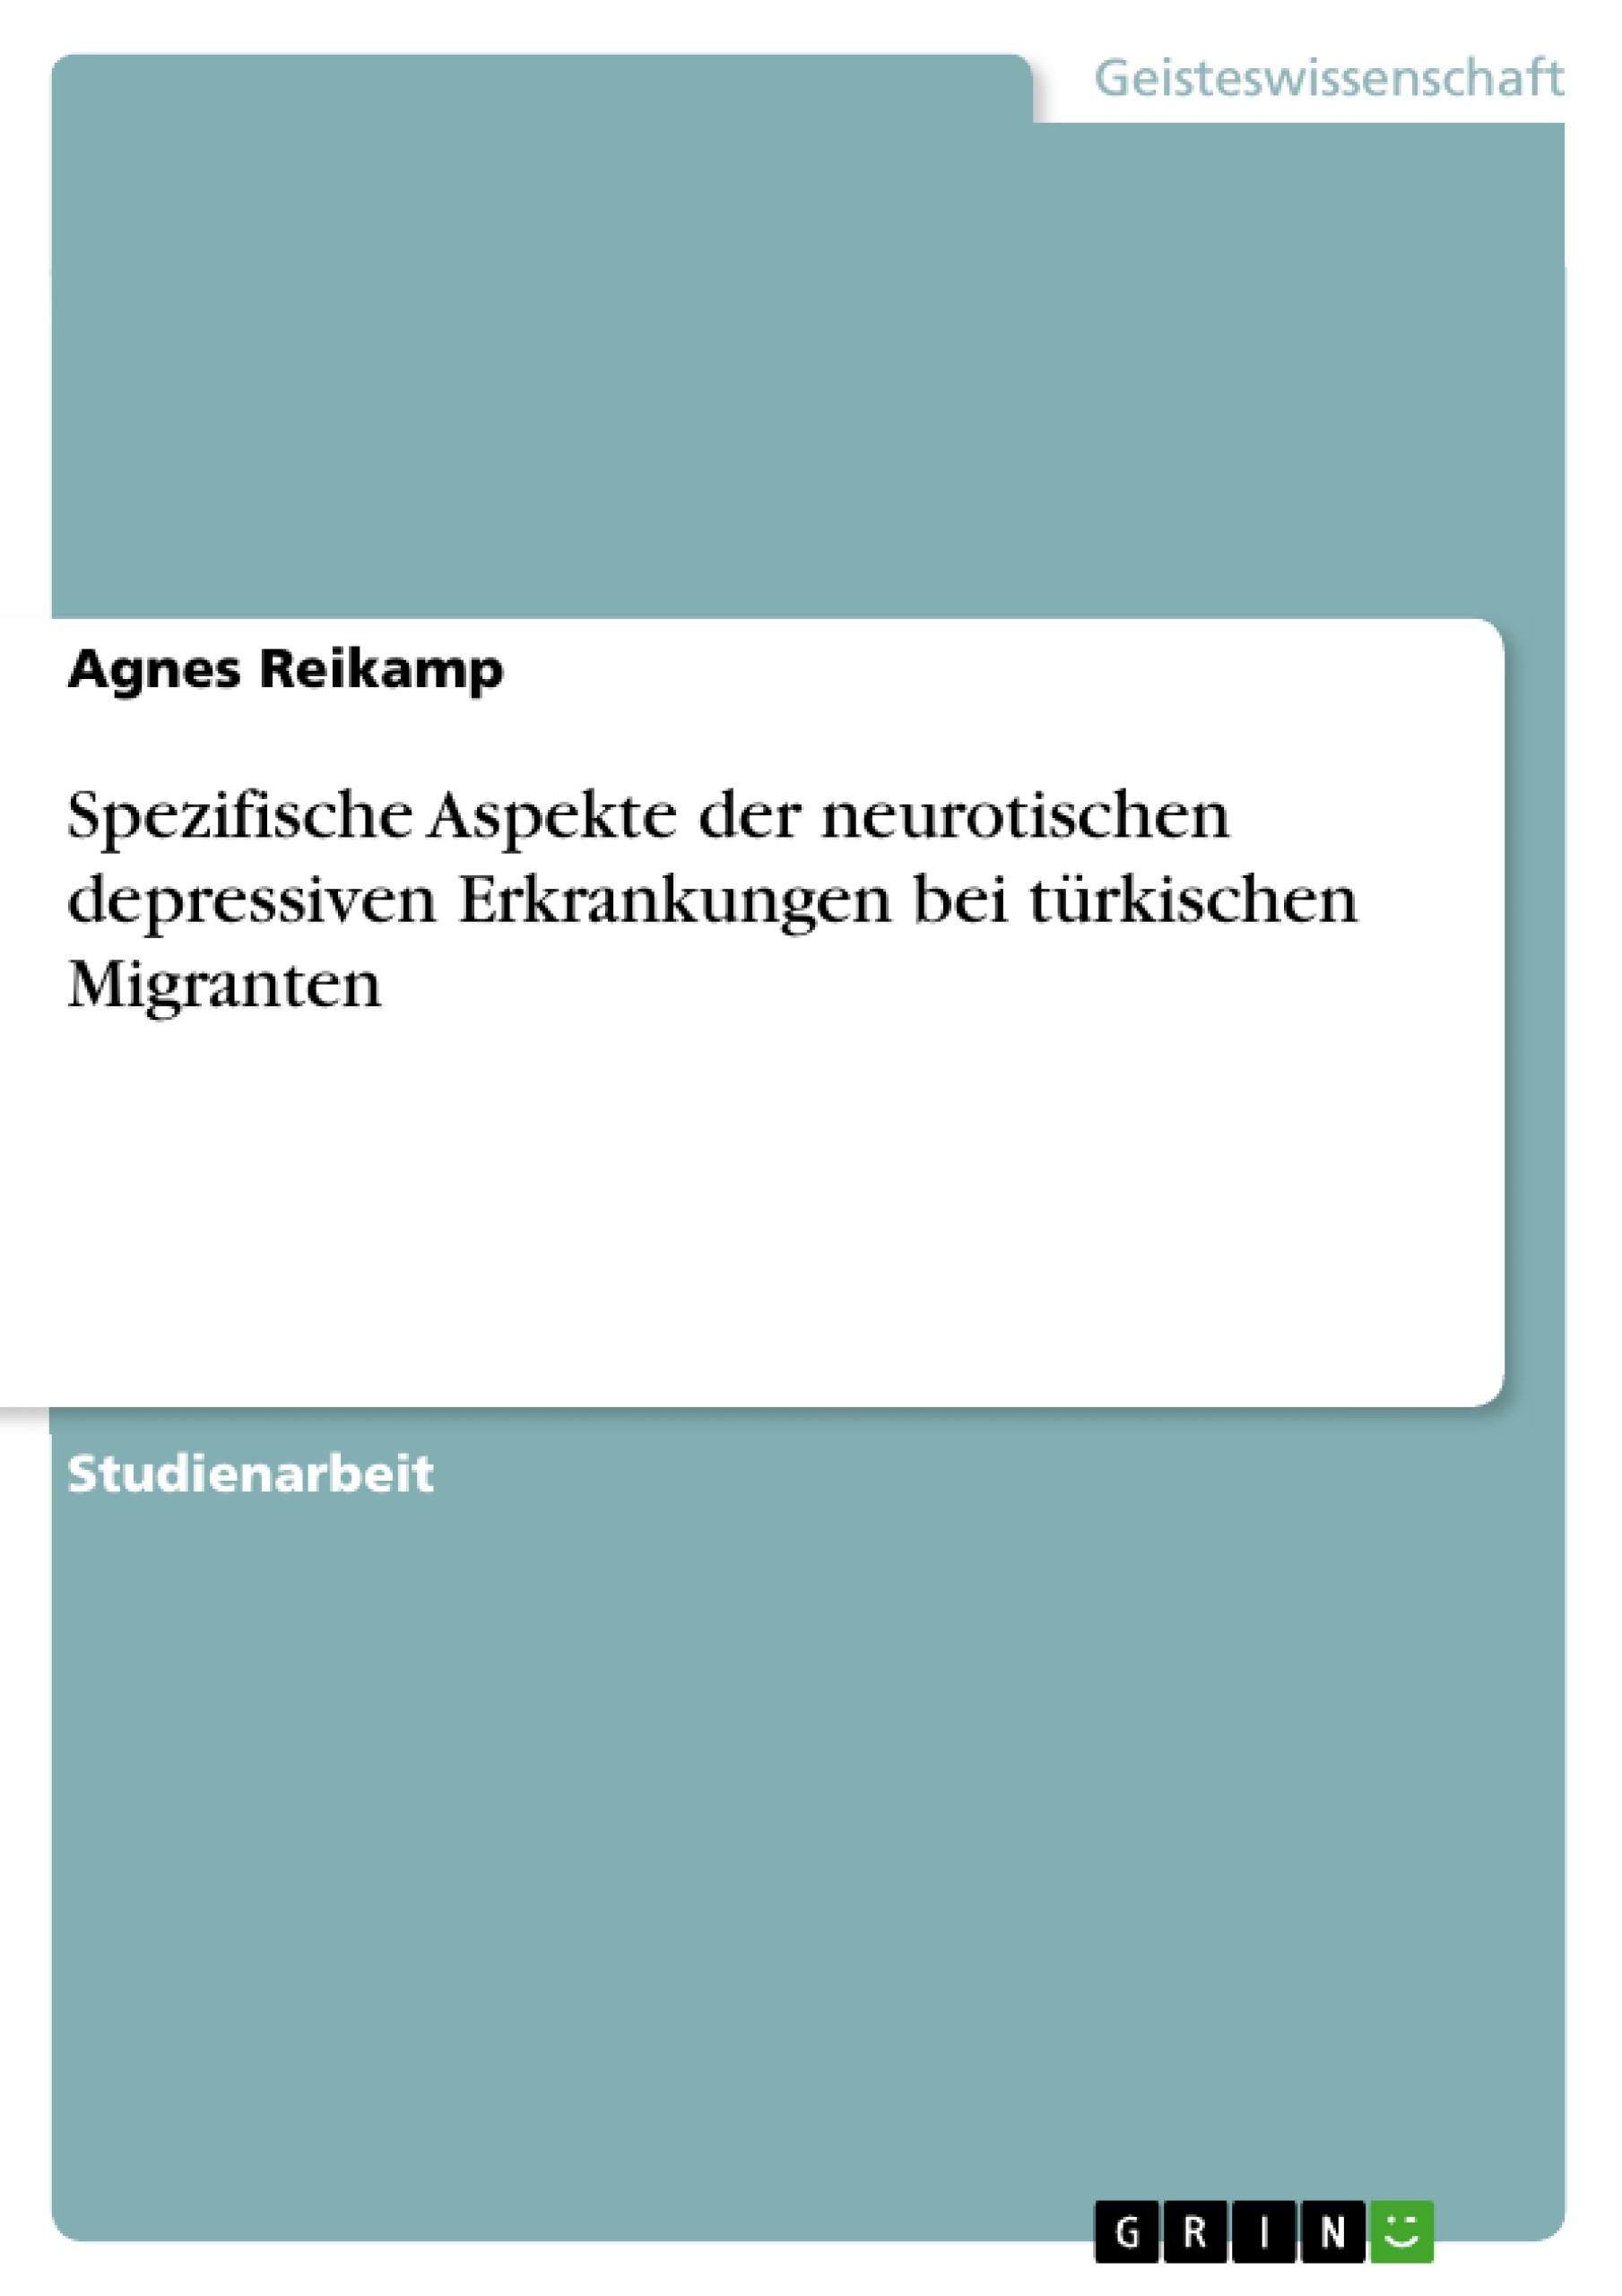 Titel: Spezifische Aspekte der neurotischen depressiven Erkrankungen bei türkischen Migranten